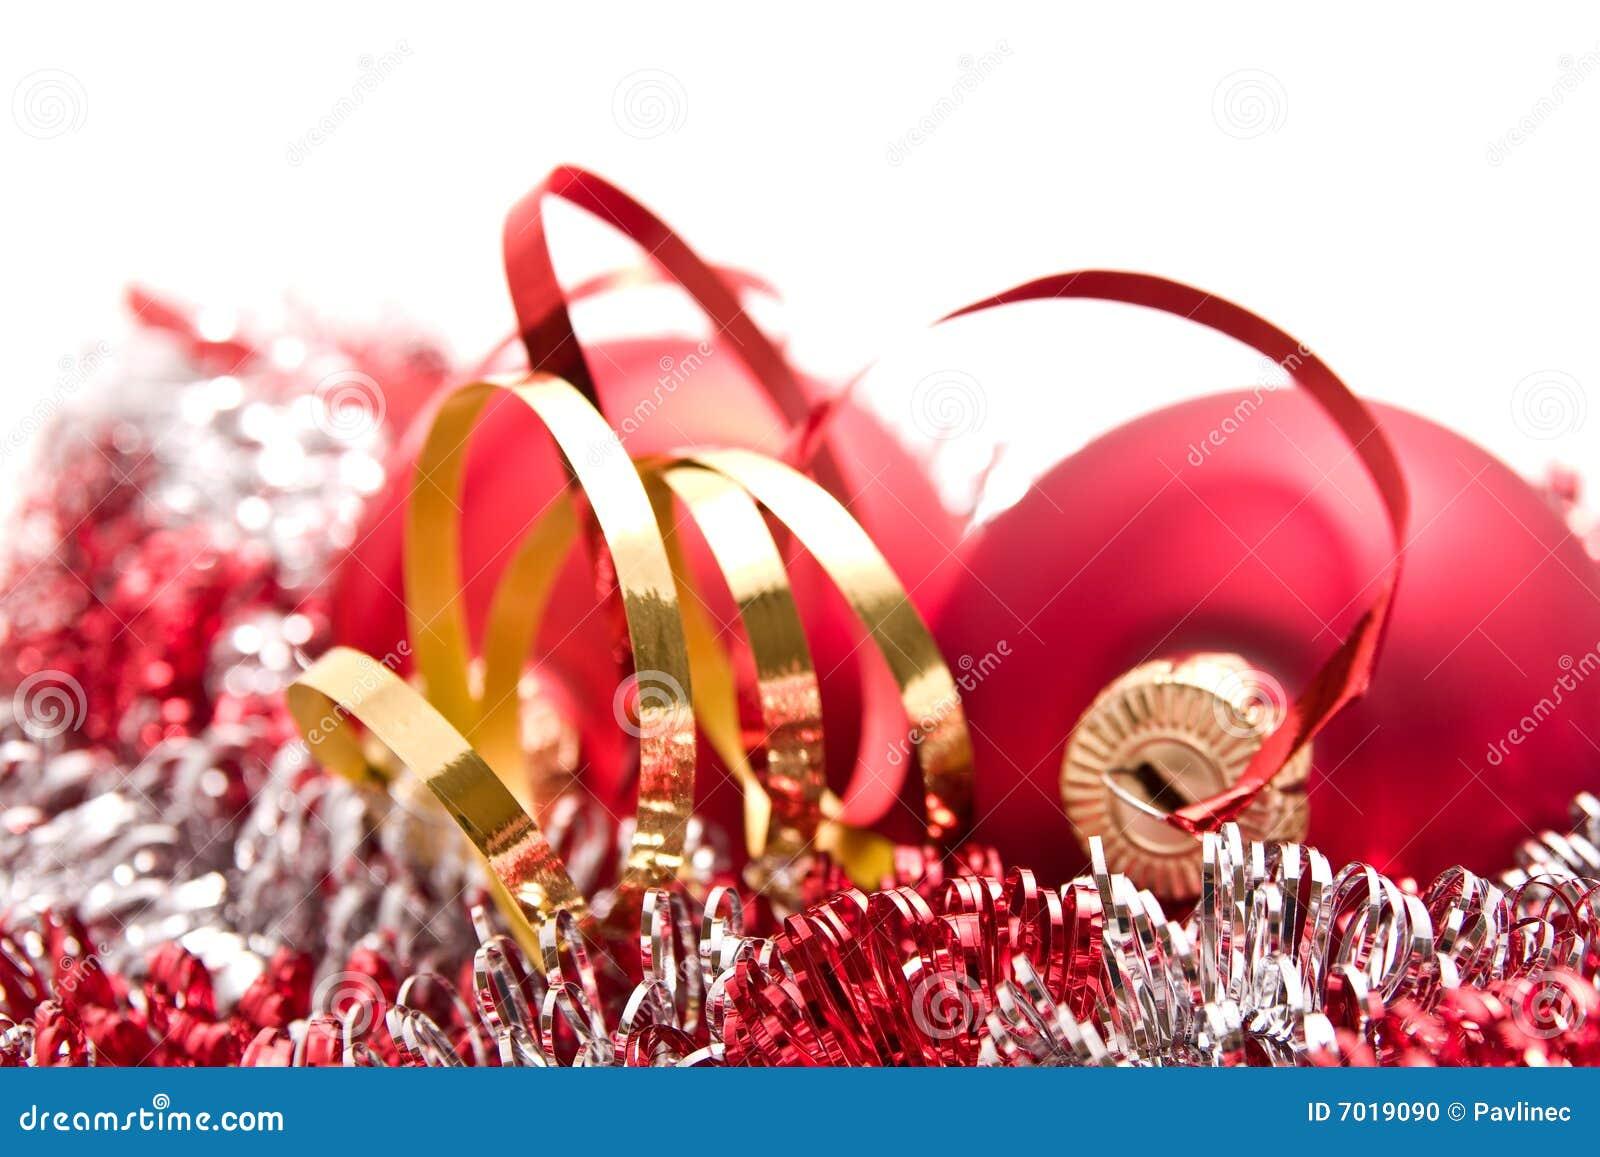 Christmas balls and tinsel stock photo image